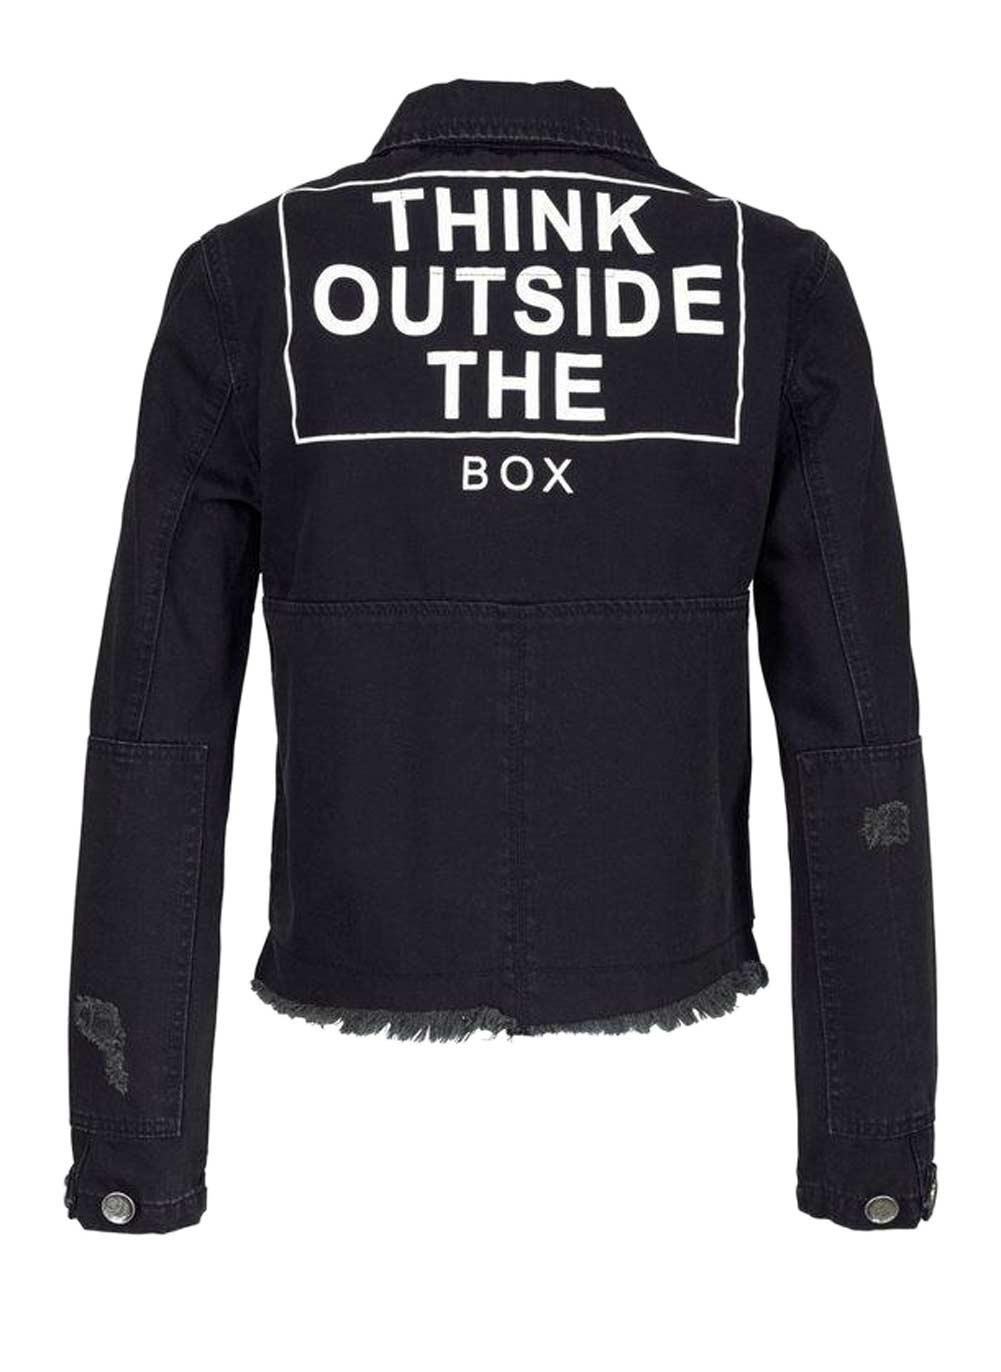 jacken auf rechnung bestellen als neukunde AJC Damen-Jeansjacke Buttons Denim Schwarz Think Outside the Box 208.196 MISSFORTY